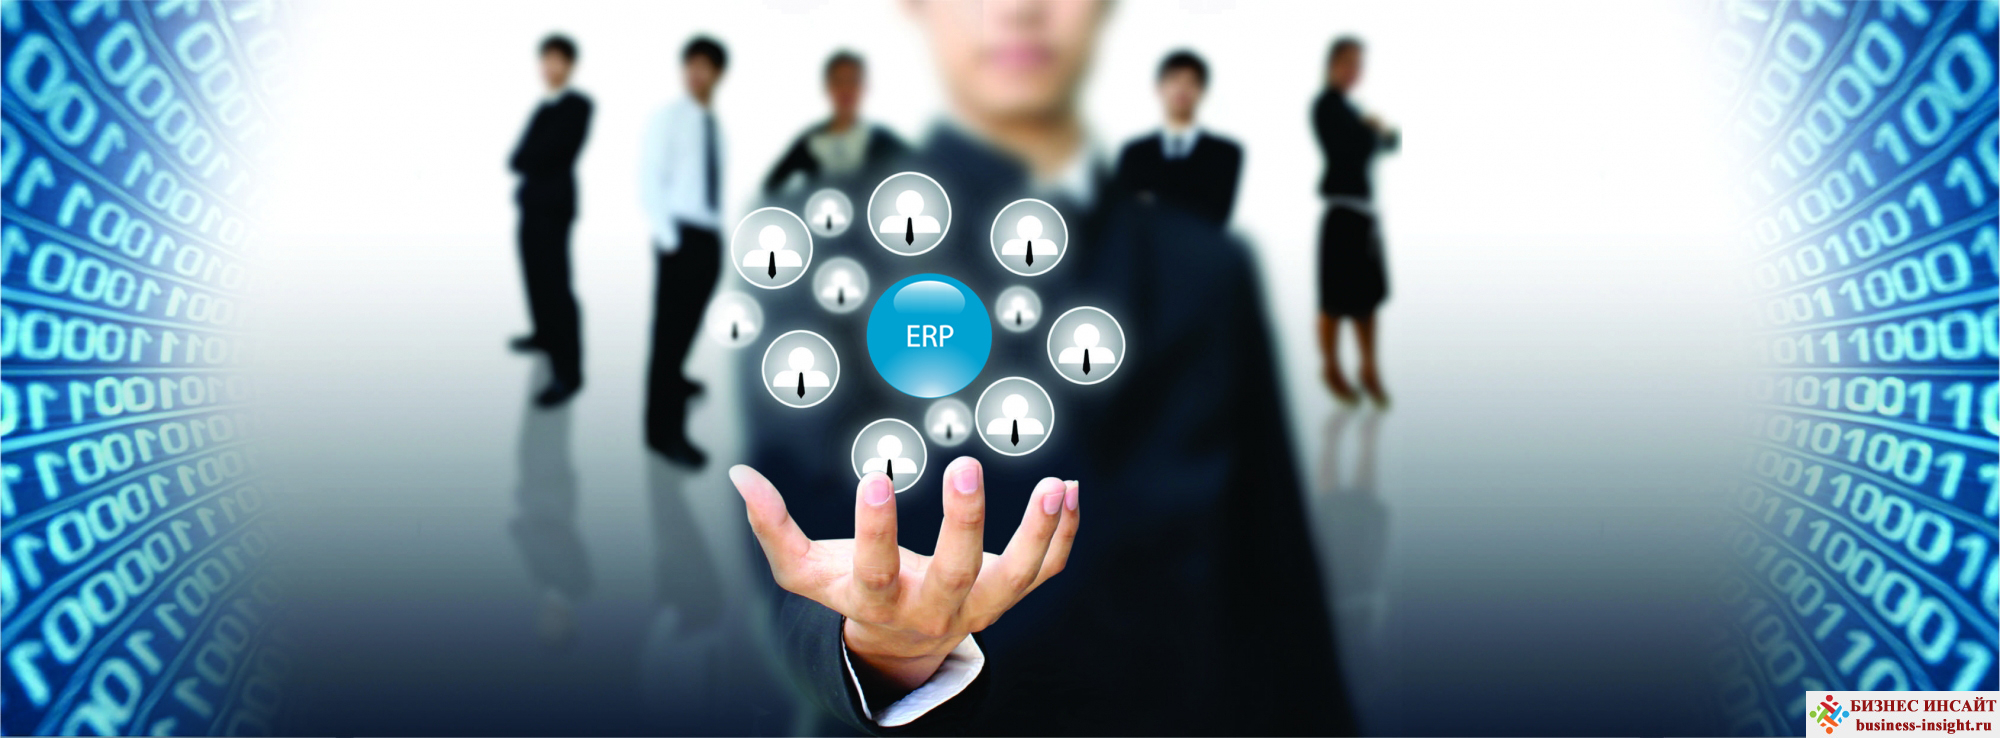 Бесплатный семинар: Выбор ERP-системы и интегратора